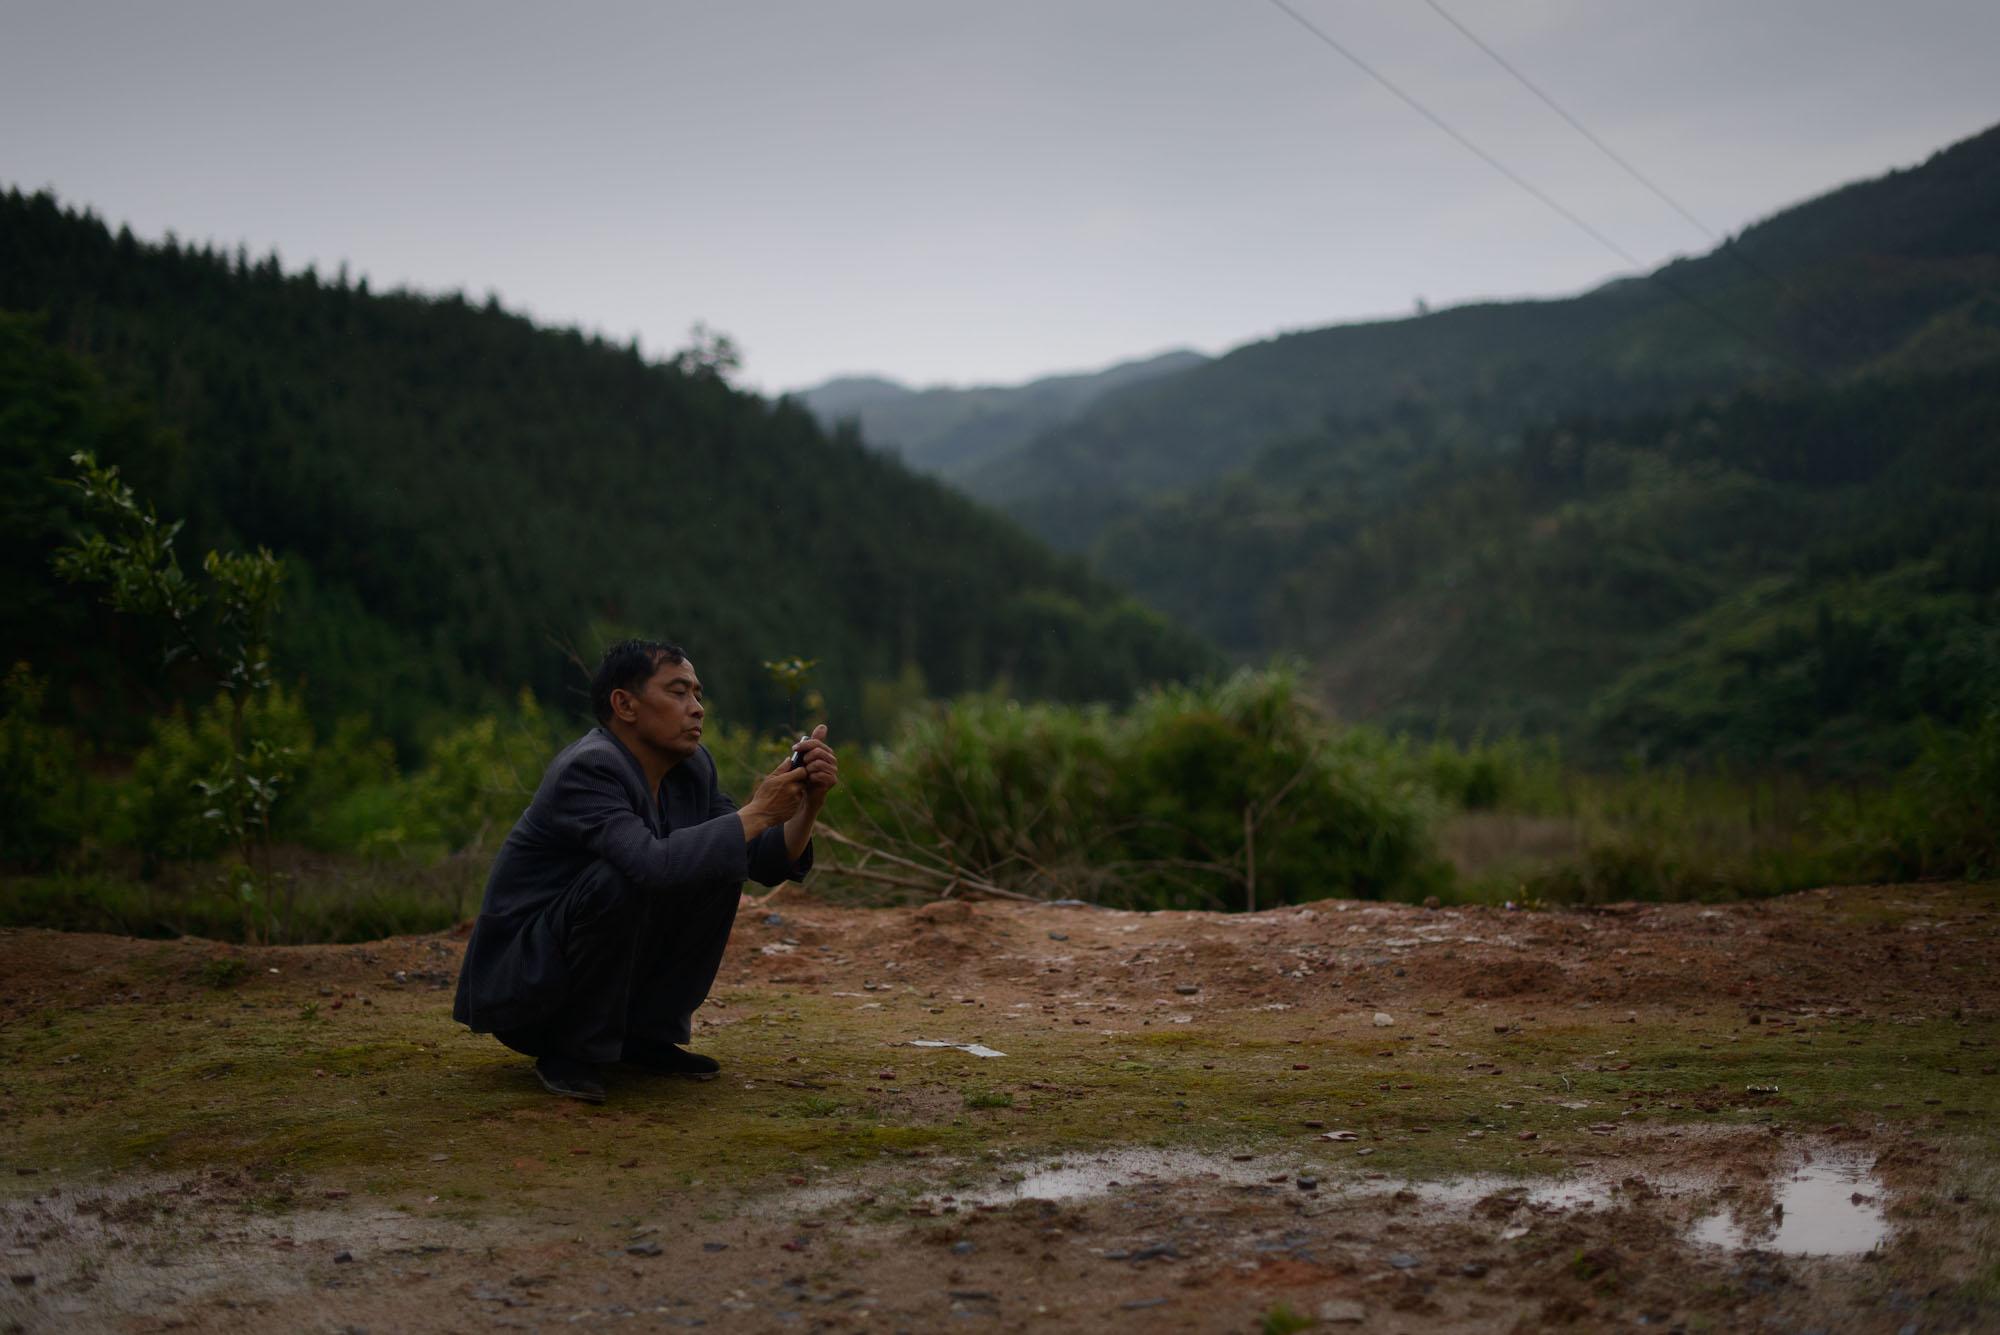 中共肺炎疫情令農民工就業成懸念  觸動中共敏感神經